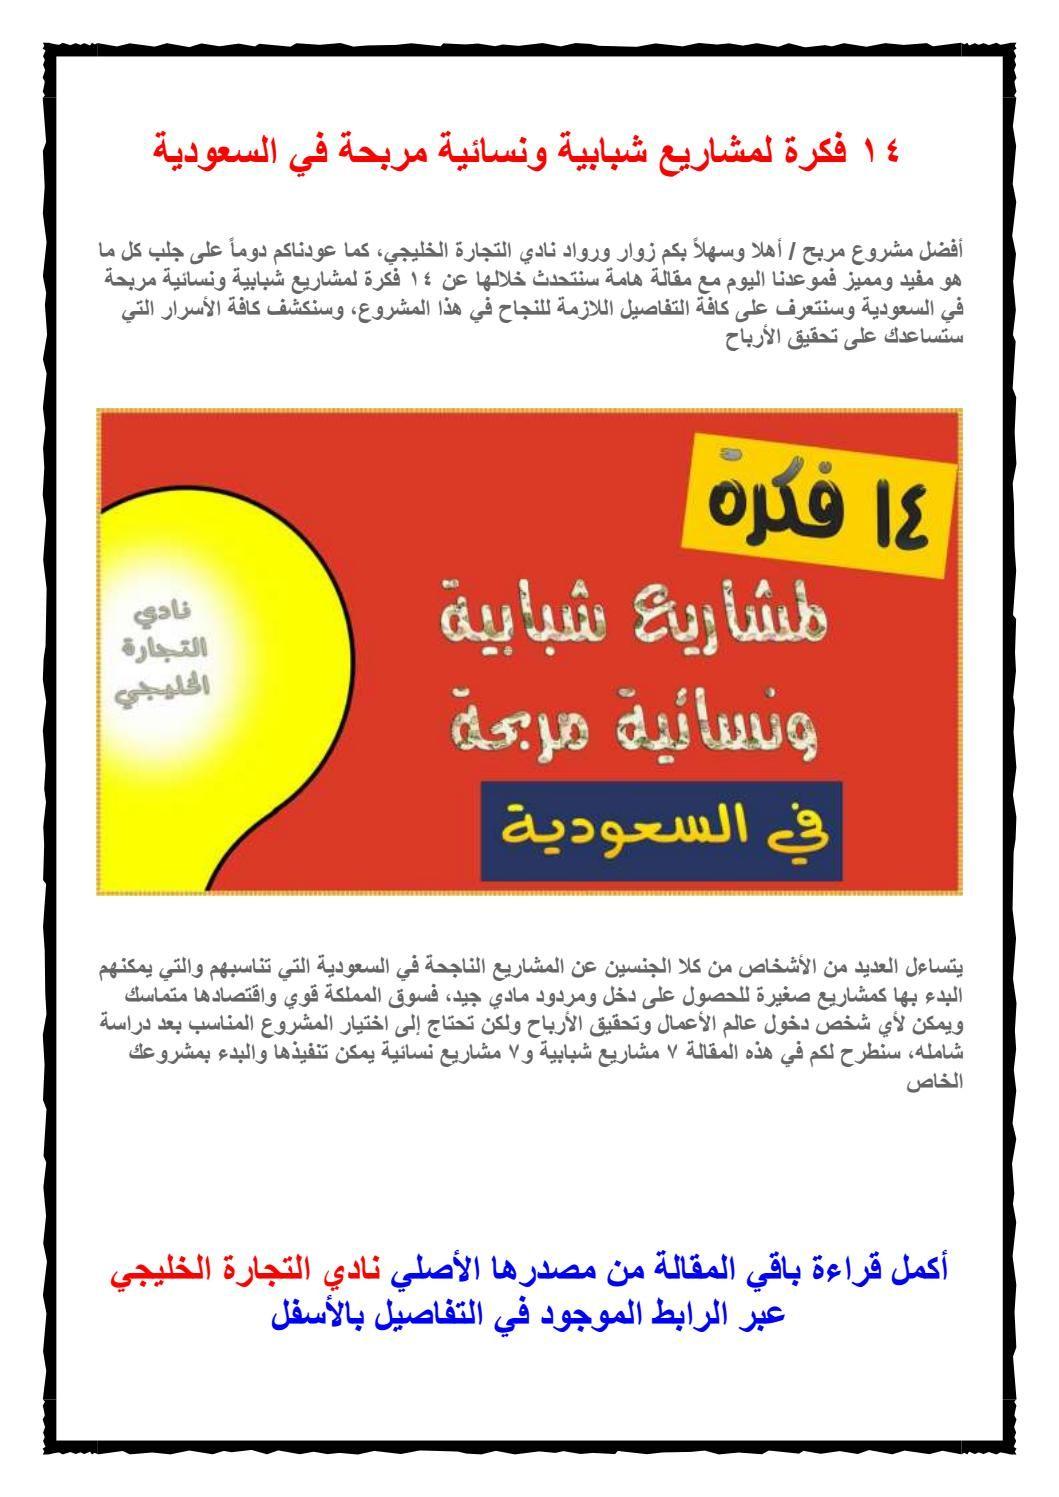 أفضل مشروع مربح 14 فكرة لمشاريع شبابية ونسائية مربحة في السعودية Microsoft Word Document Words Microsoft